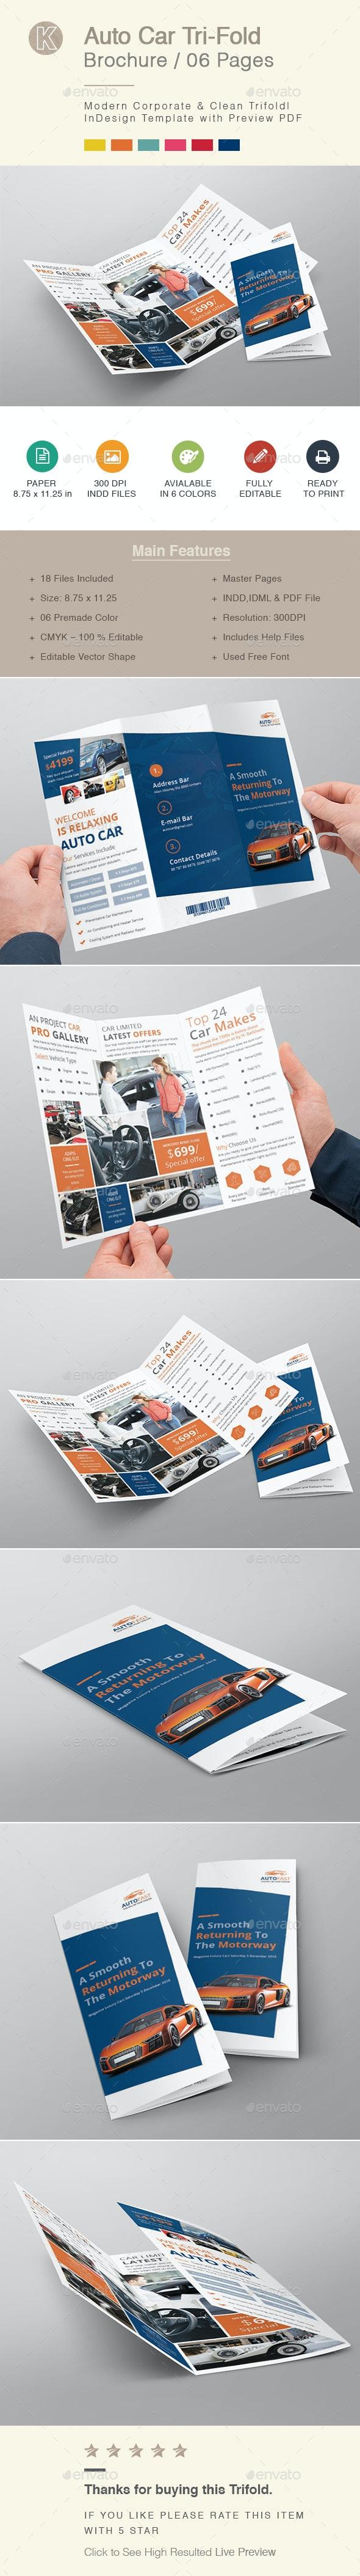 Auto Car Tri-fold Brochure - Corporate Brochures